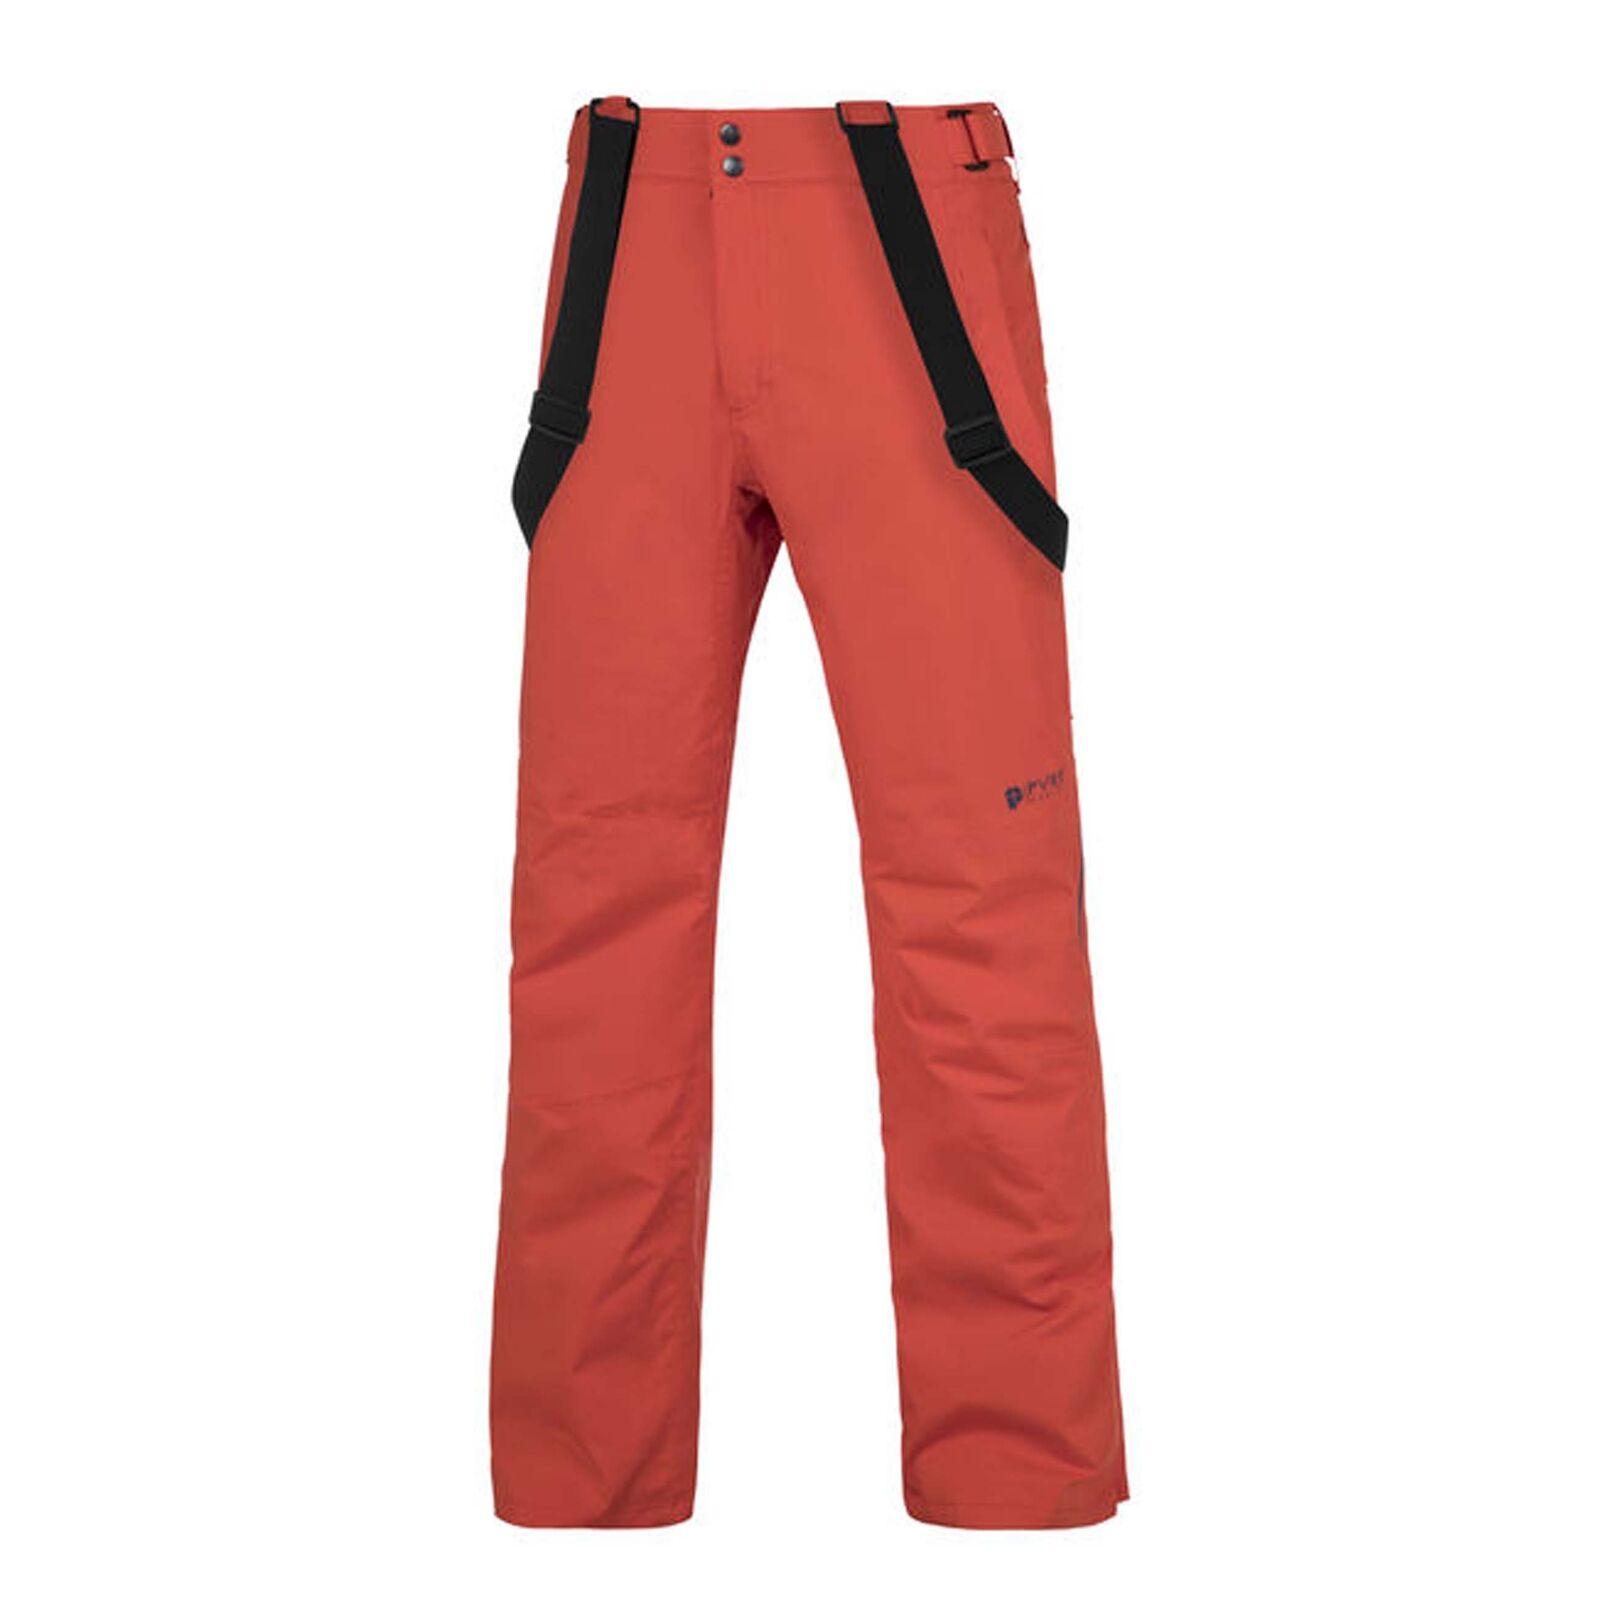 Predest Mens Miikka 18 Ski Snowboard Snow Pants orange